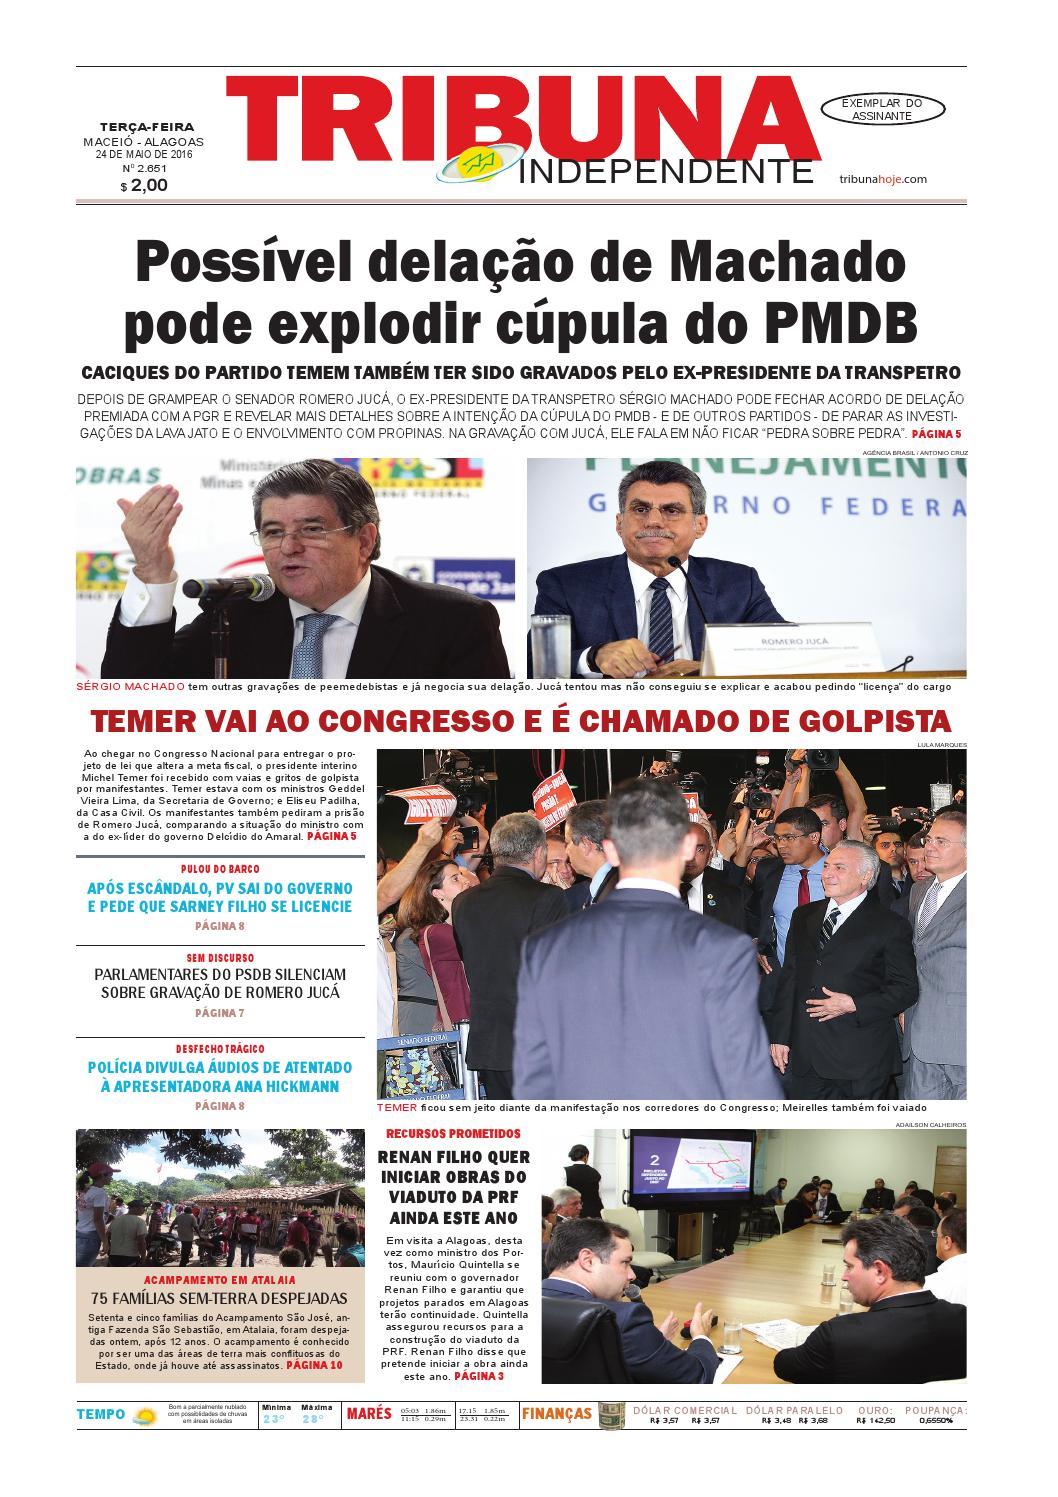 391d85674fc63 Edição número 2651 - 24 de maio de 2016 by Tribuna Hoje - issuu